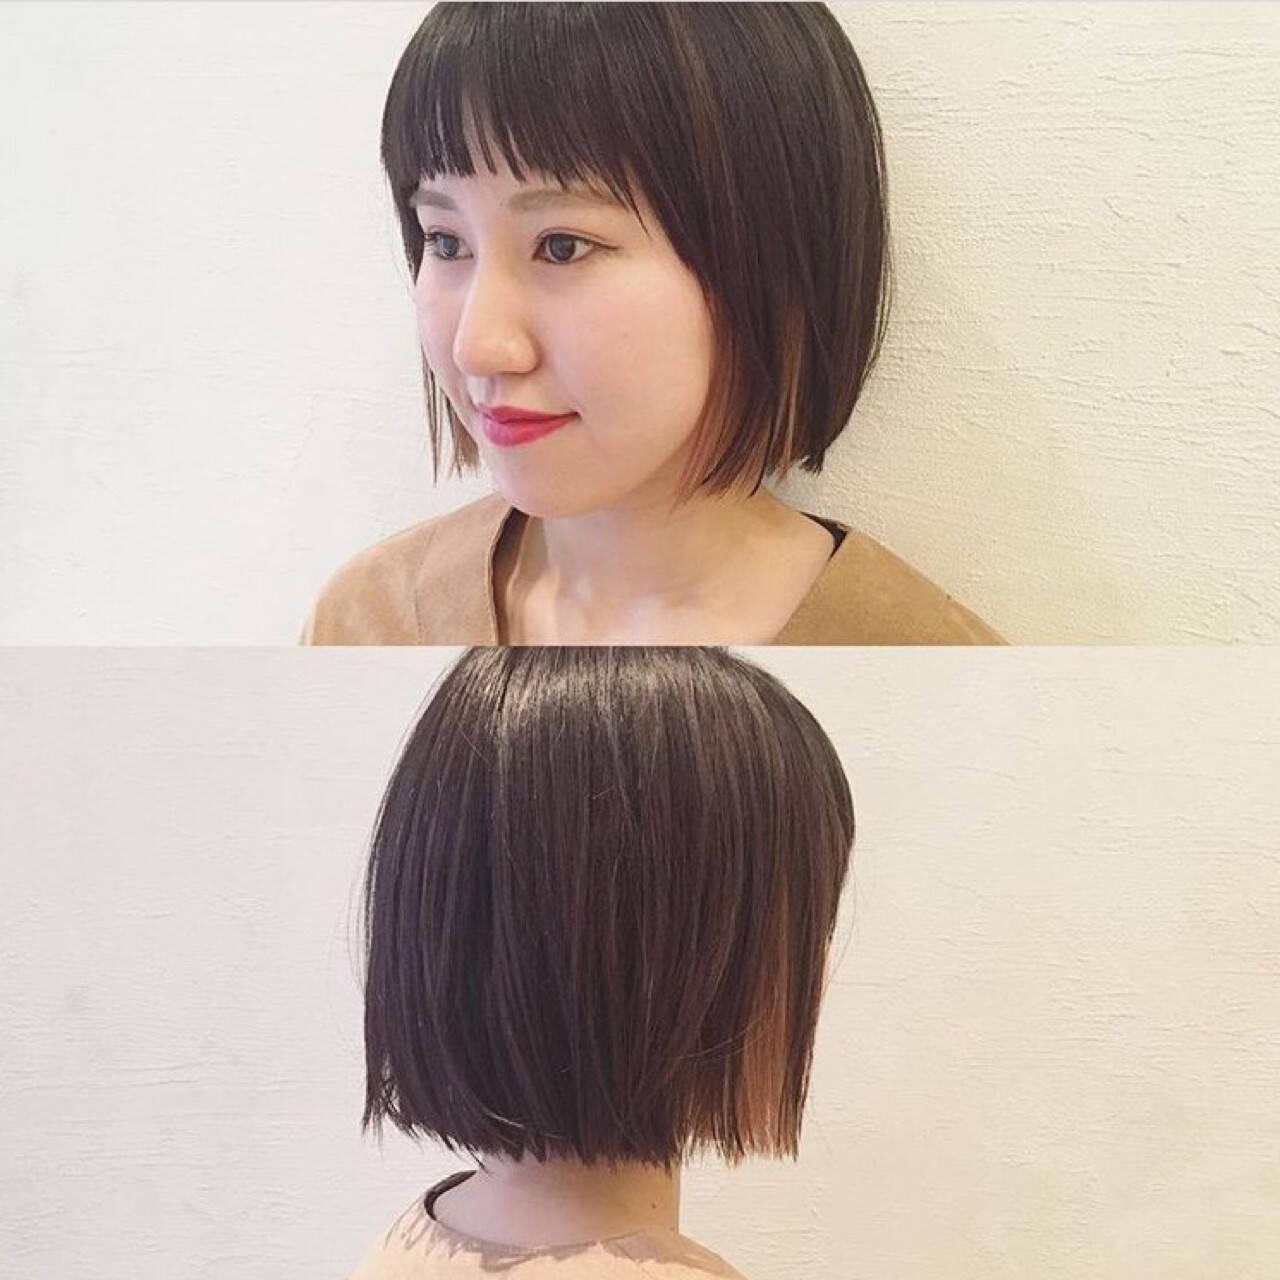 ダブルカラー 暗髪 切りっぱなし 黒髪ヘアスタイルや髪型の写真・画像